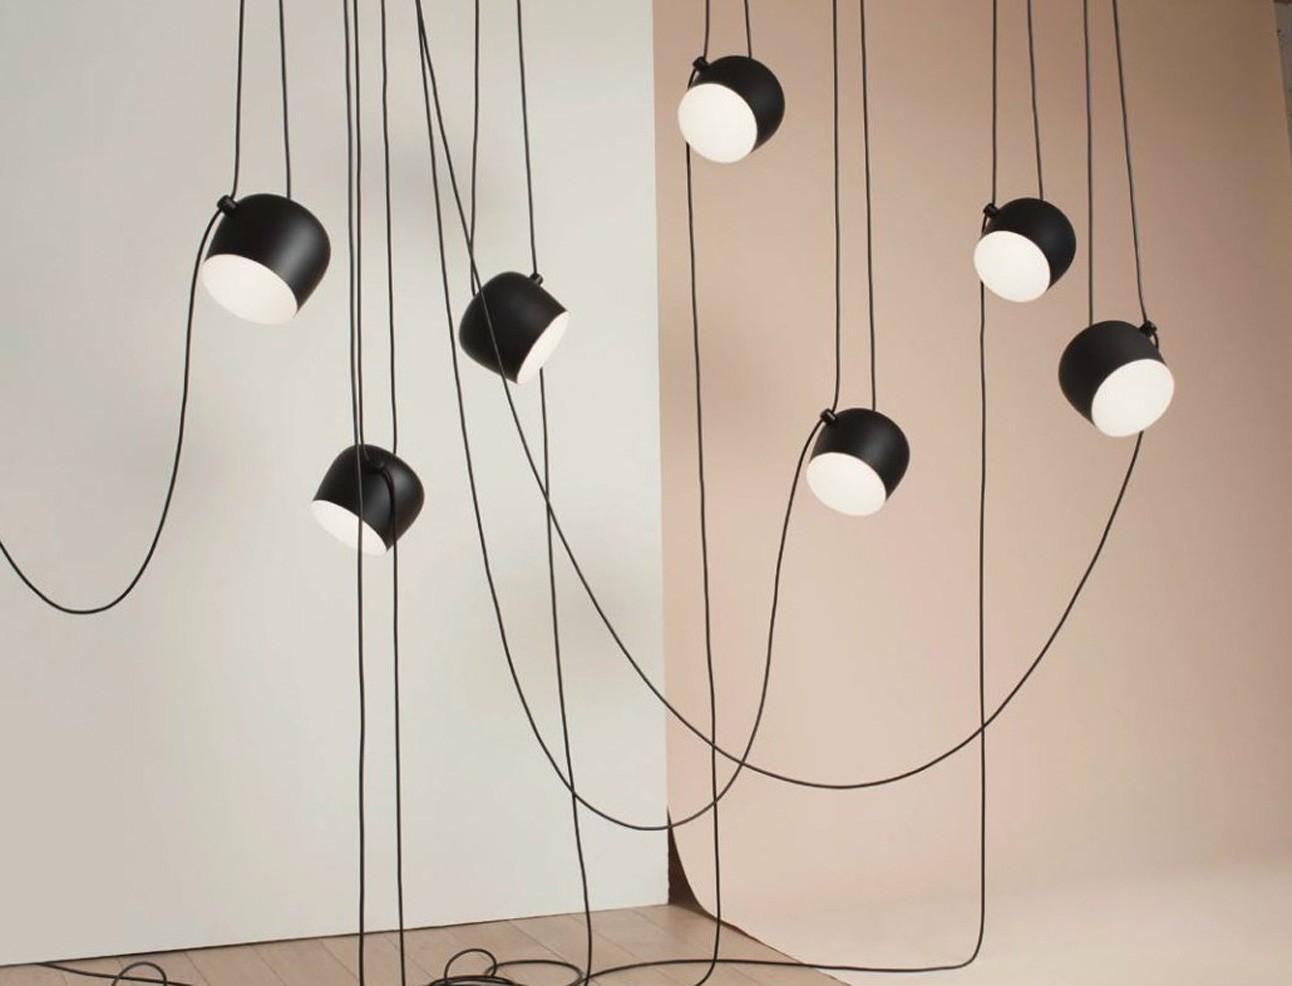 Flos Plafoniere : Aim lampada a sospensione flos acquista online deplain